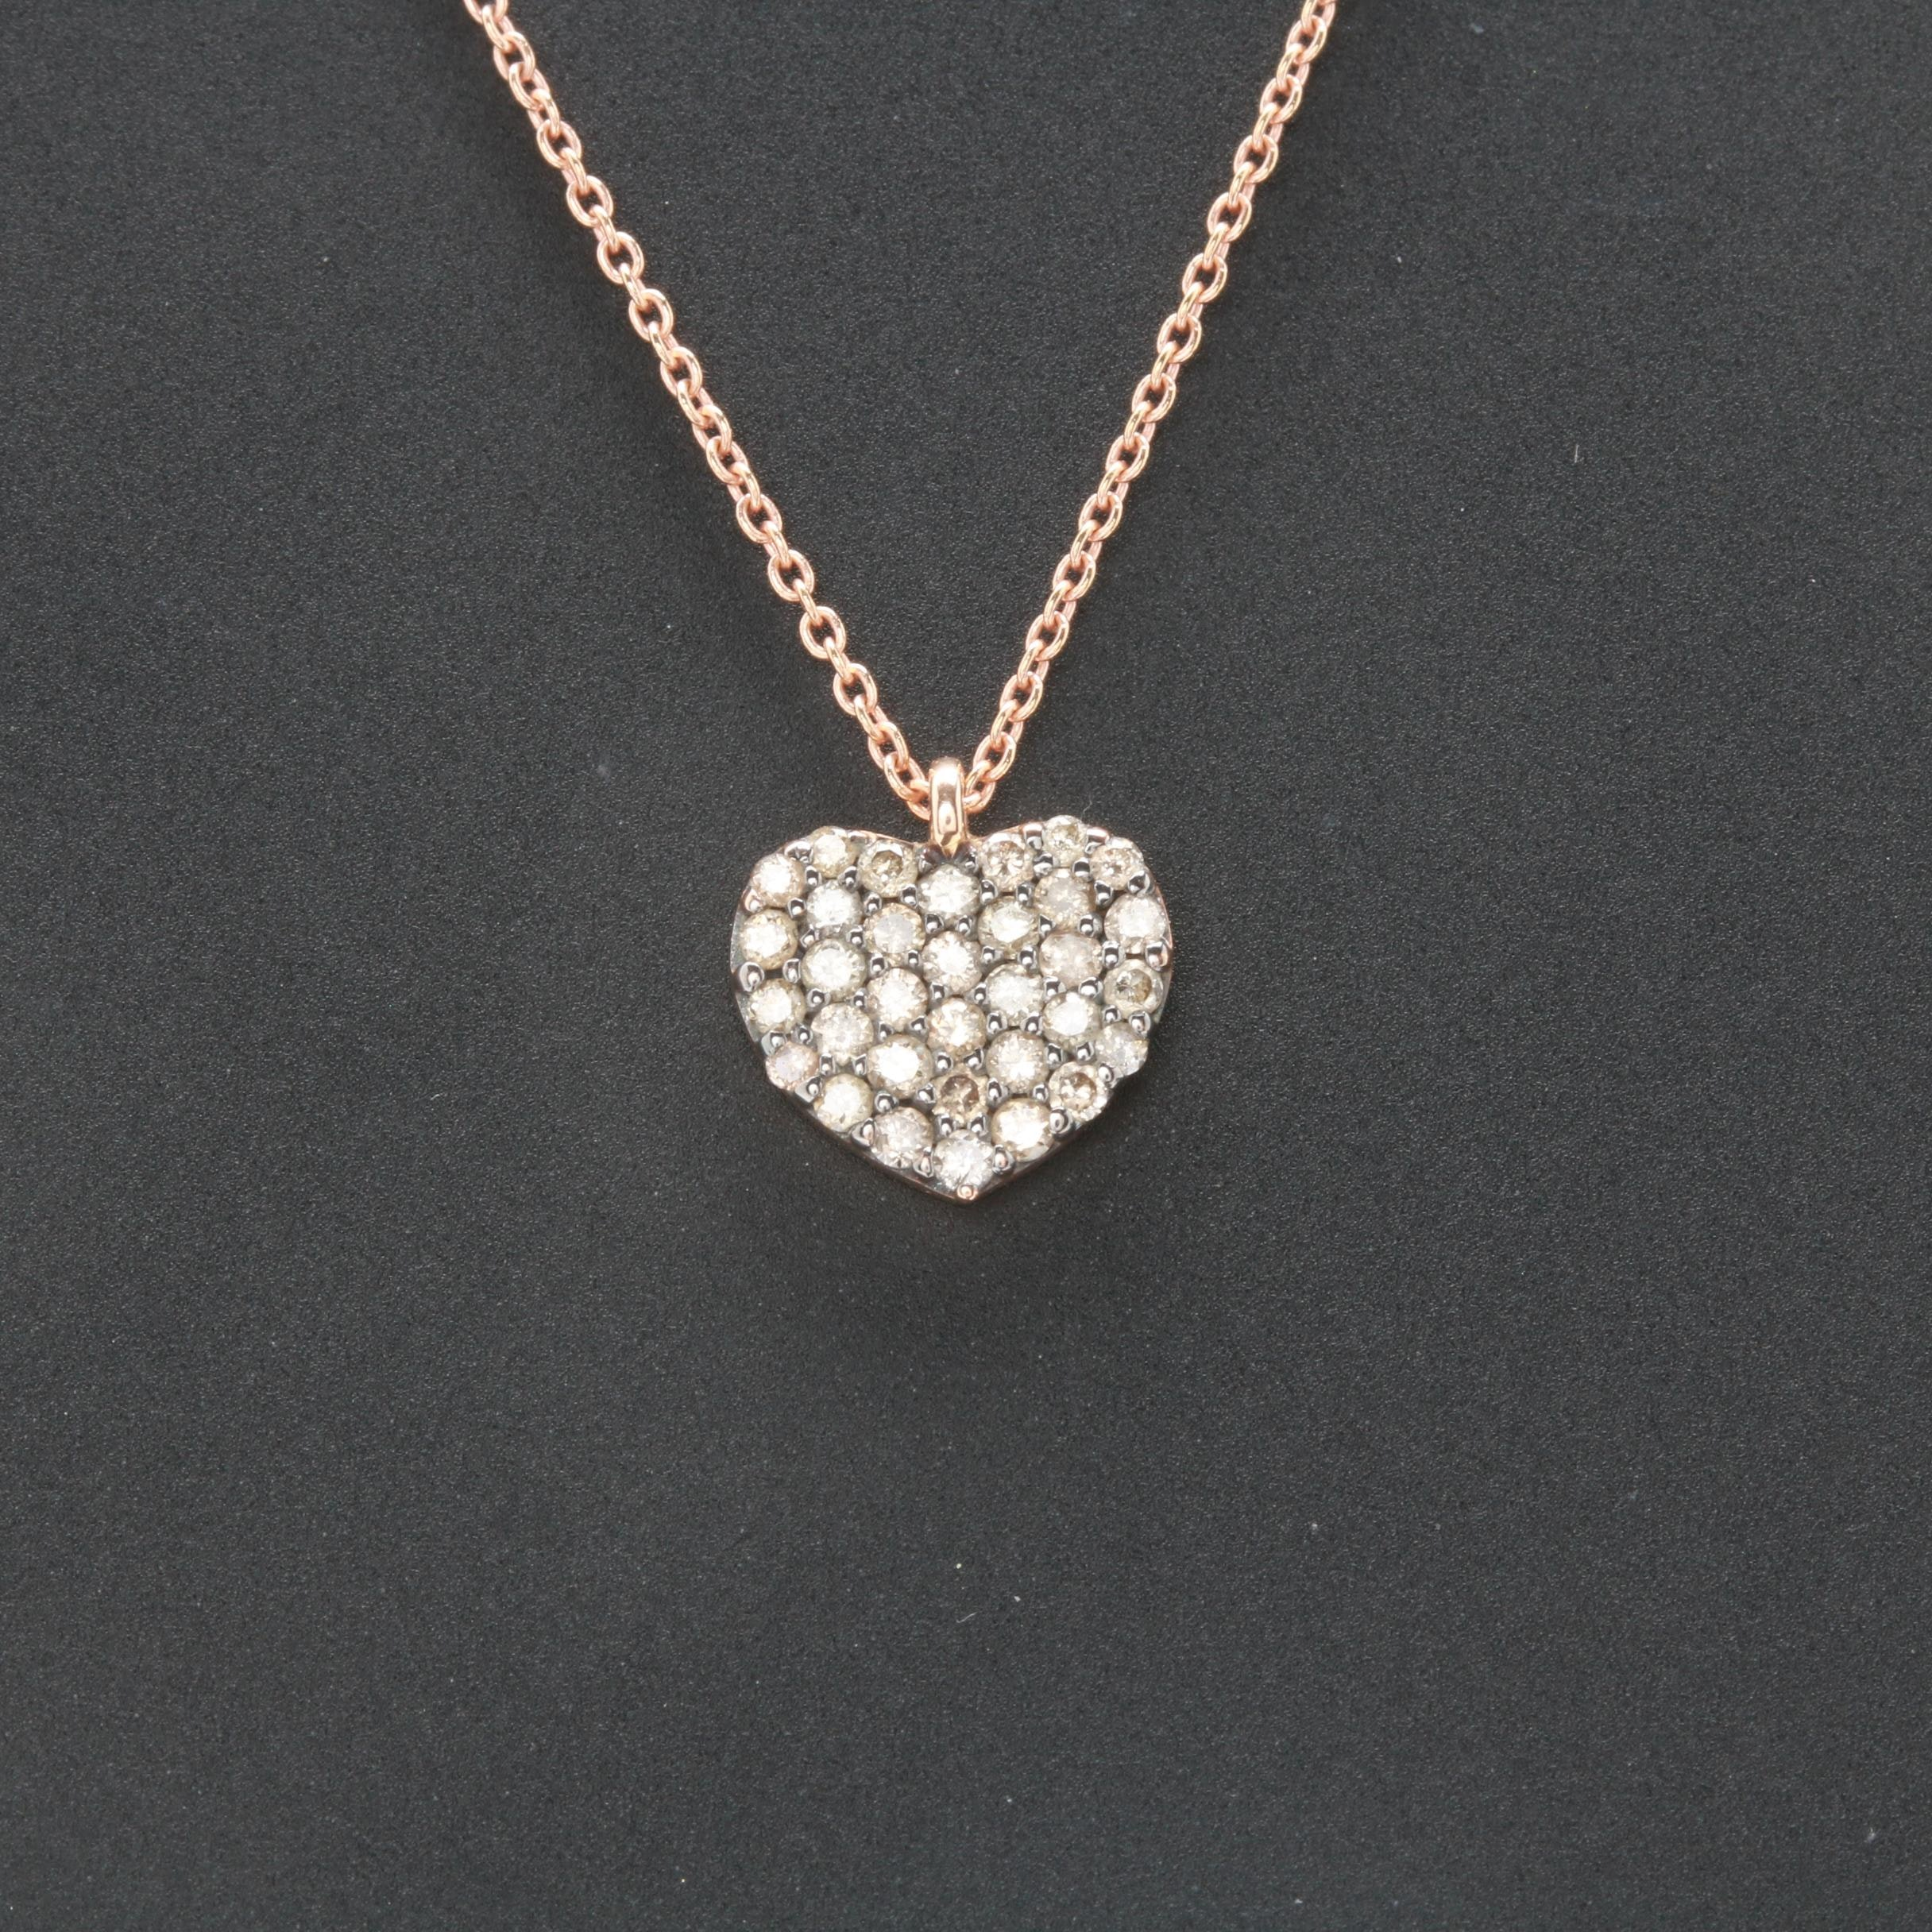 18K Rose Gold Diamond Heart Necklace